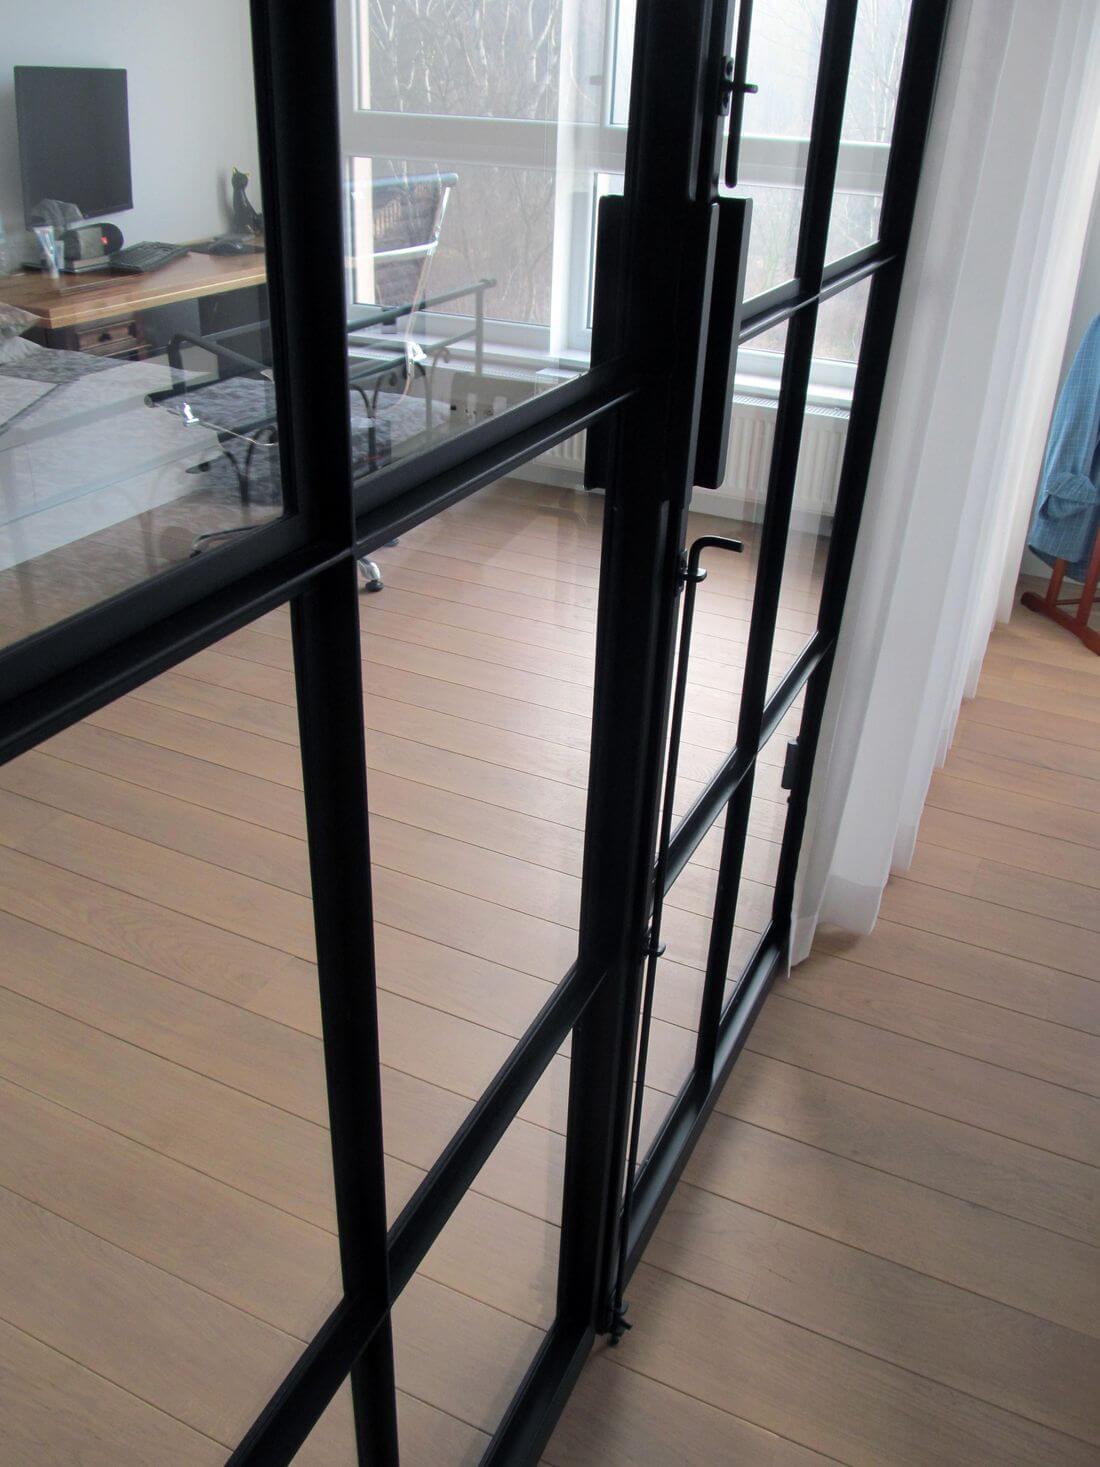 Mango de metal para puertas de cristal y hierro de cristal para oficinas i apartamenots